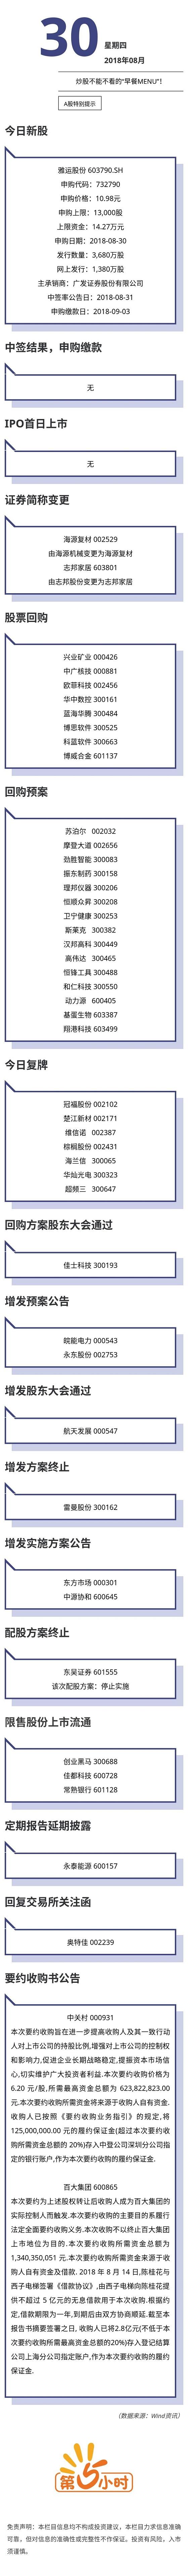 A股特别提示(2018-08-30).jpg